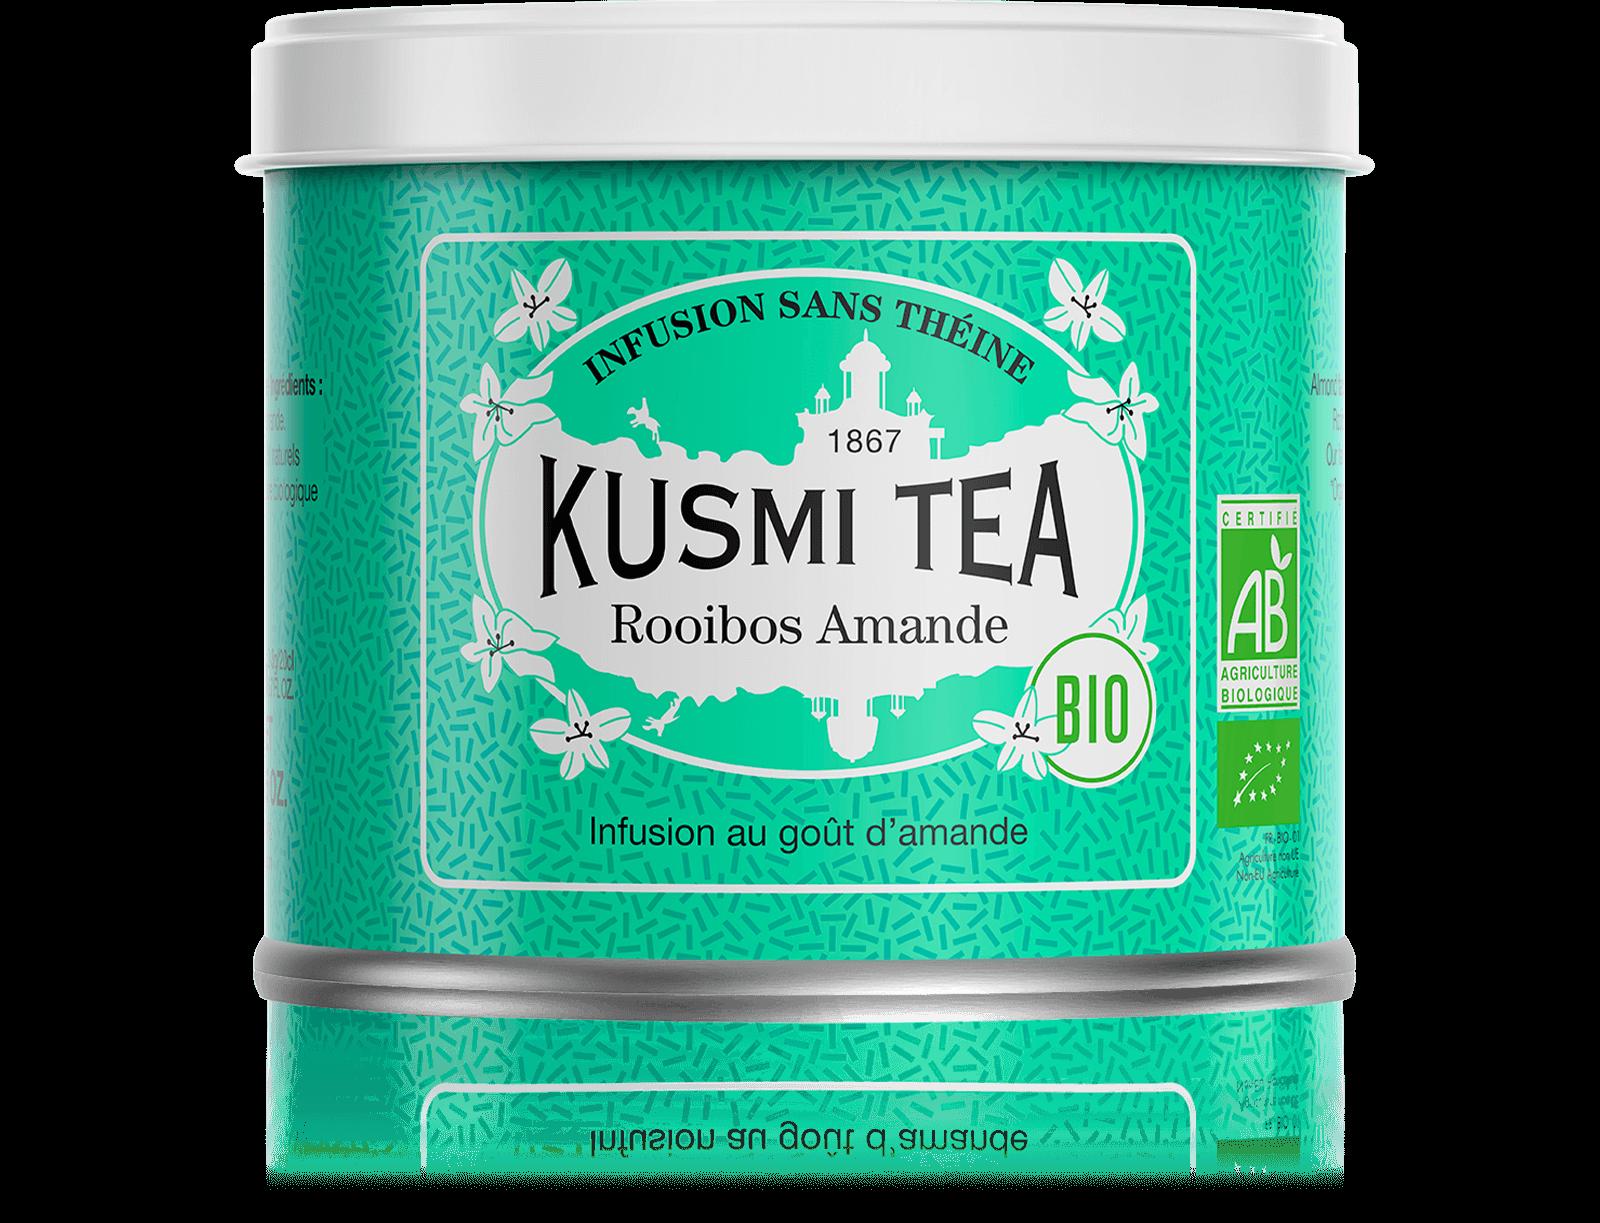 Rooibos Amande Infusion bio - Infusion au goût d'amande - Boite à thé en vrac - Kusmi Tea